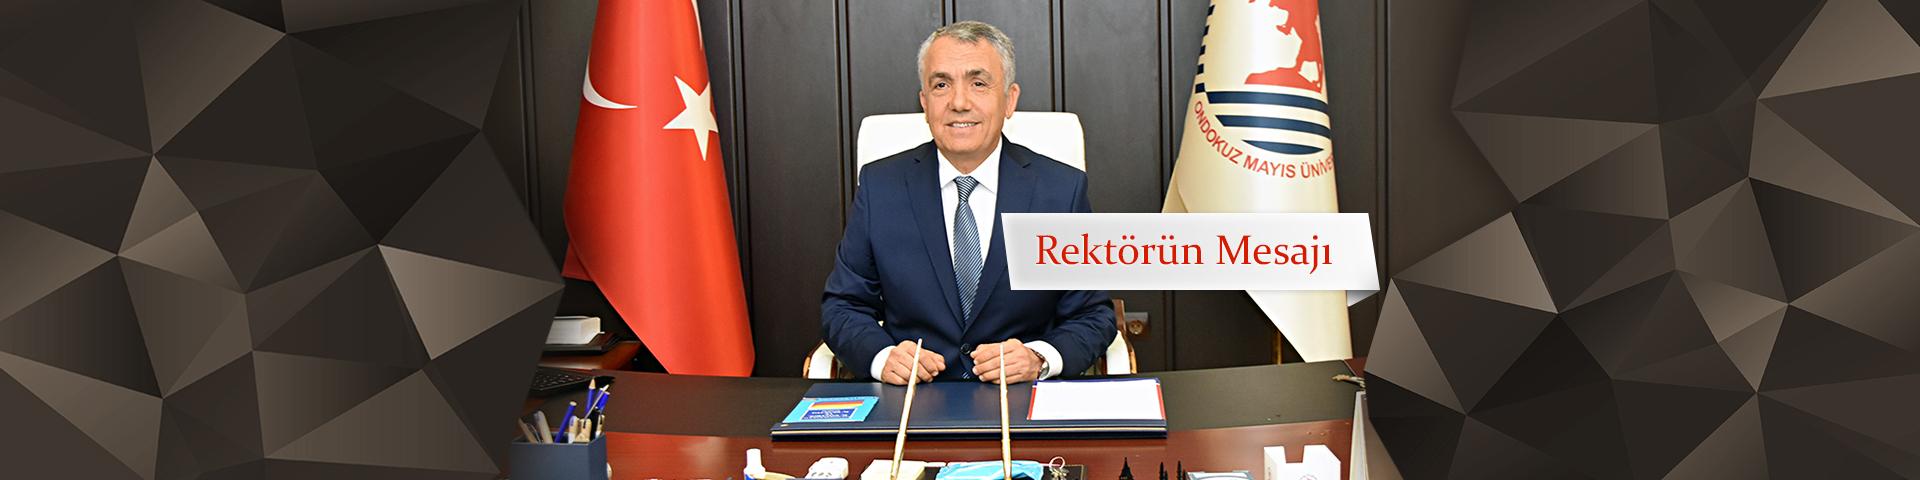 Rektör Prof. Dr. Sait Bilgiç'in Mesajı